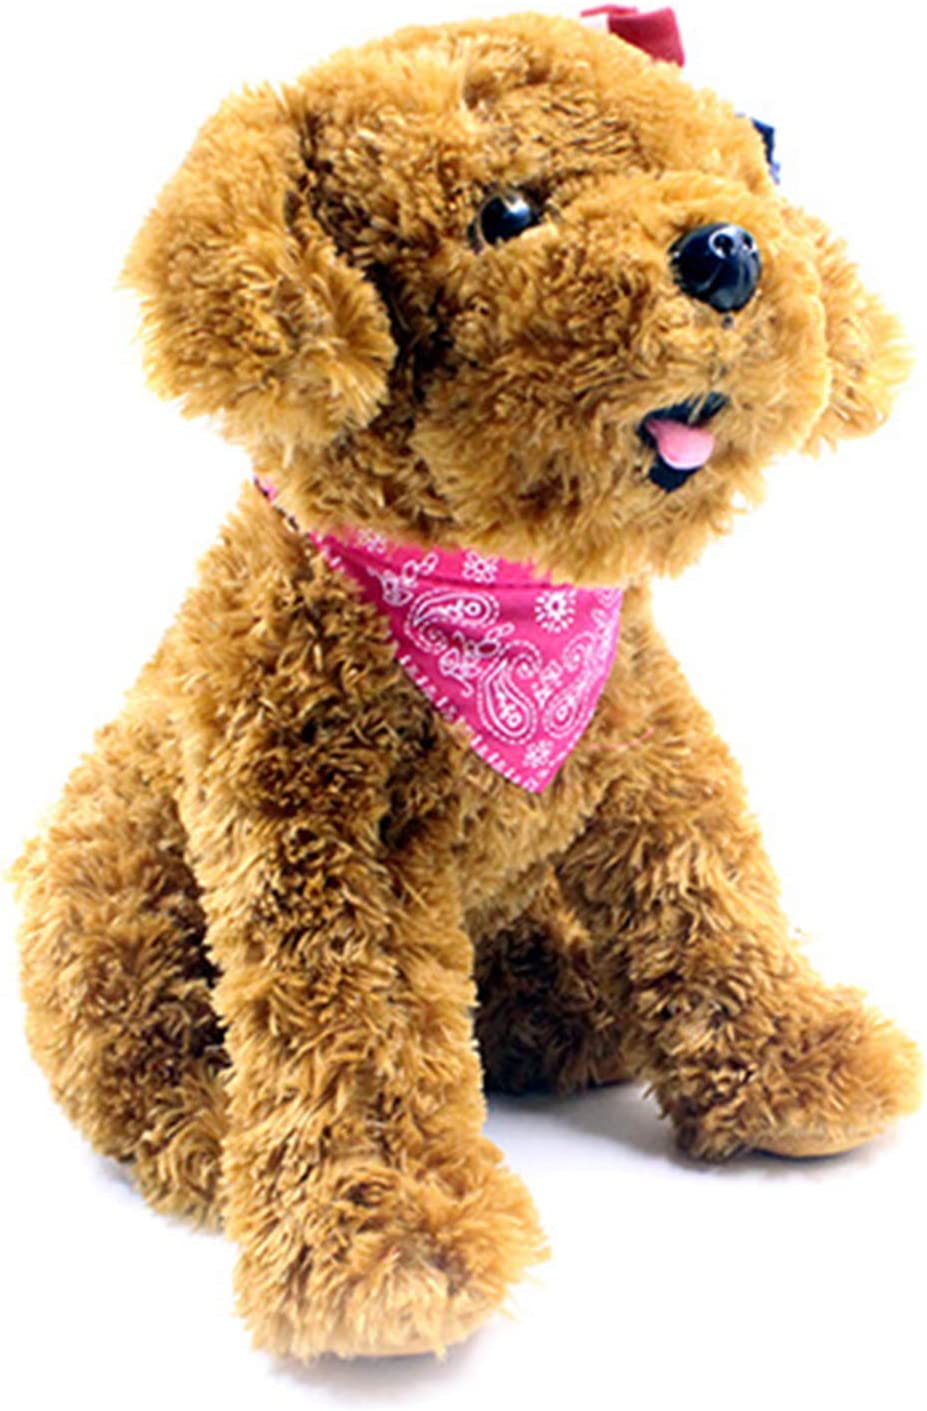 tama/ño mediano Lote de 4 pa/ñuelos para perros de moda SuSSURRO para mascotas peque/ñas y medianas 2 tallas M y L para cachorros y pa/ñuelos ajustable